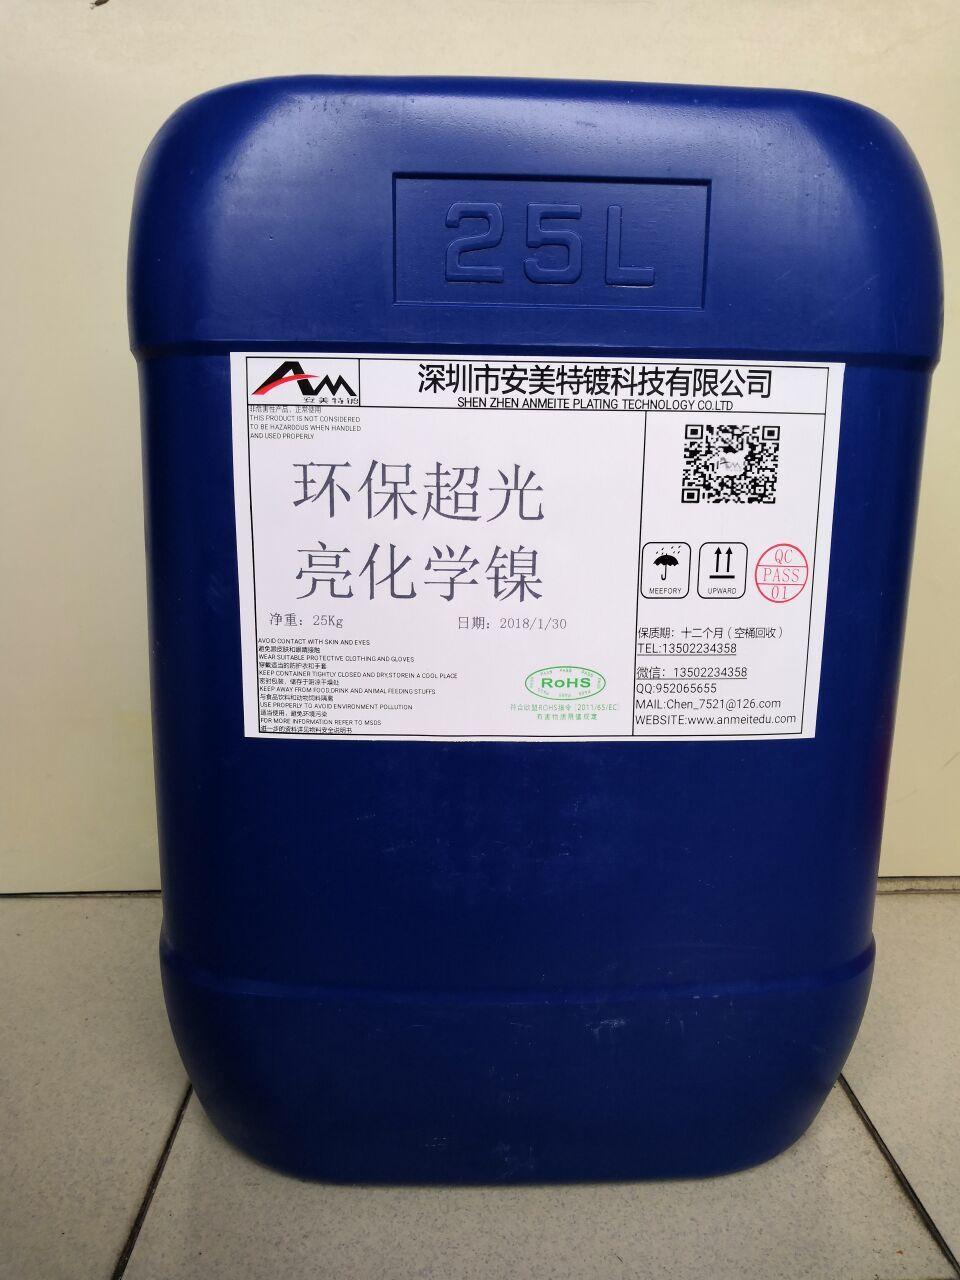 安美特镀厂家直销环保超光亮化学镍AM-588电镀添加剂